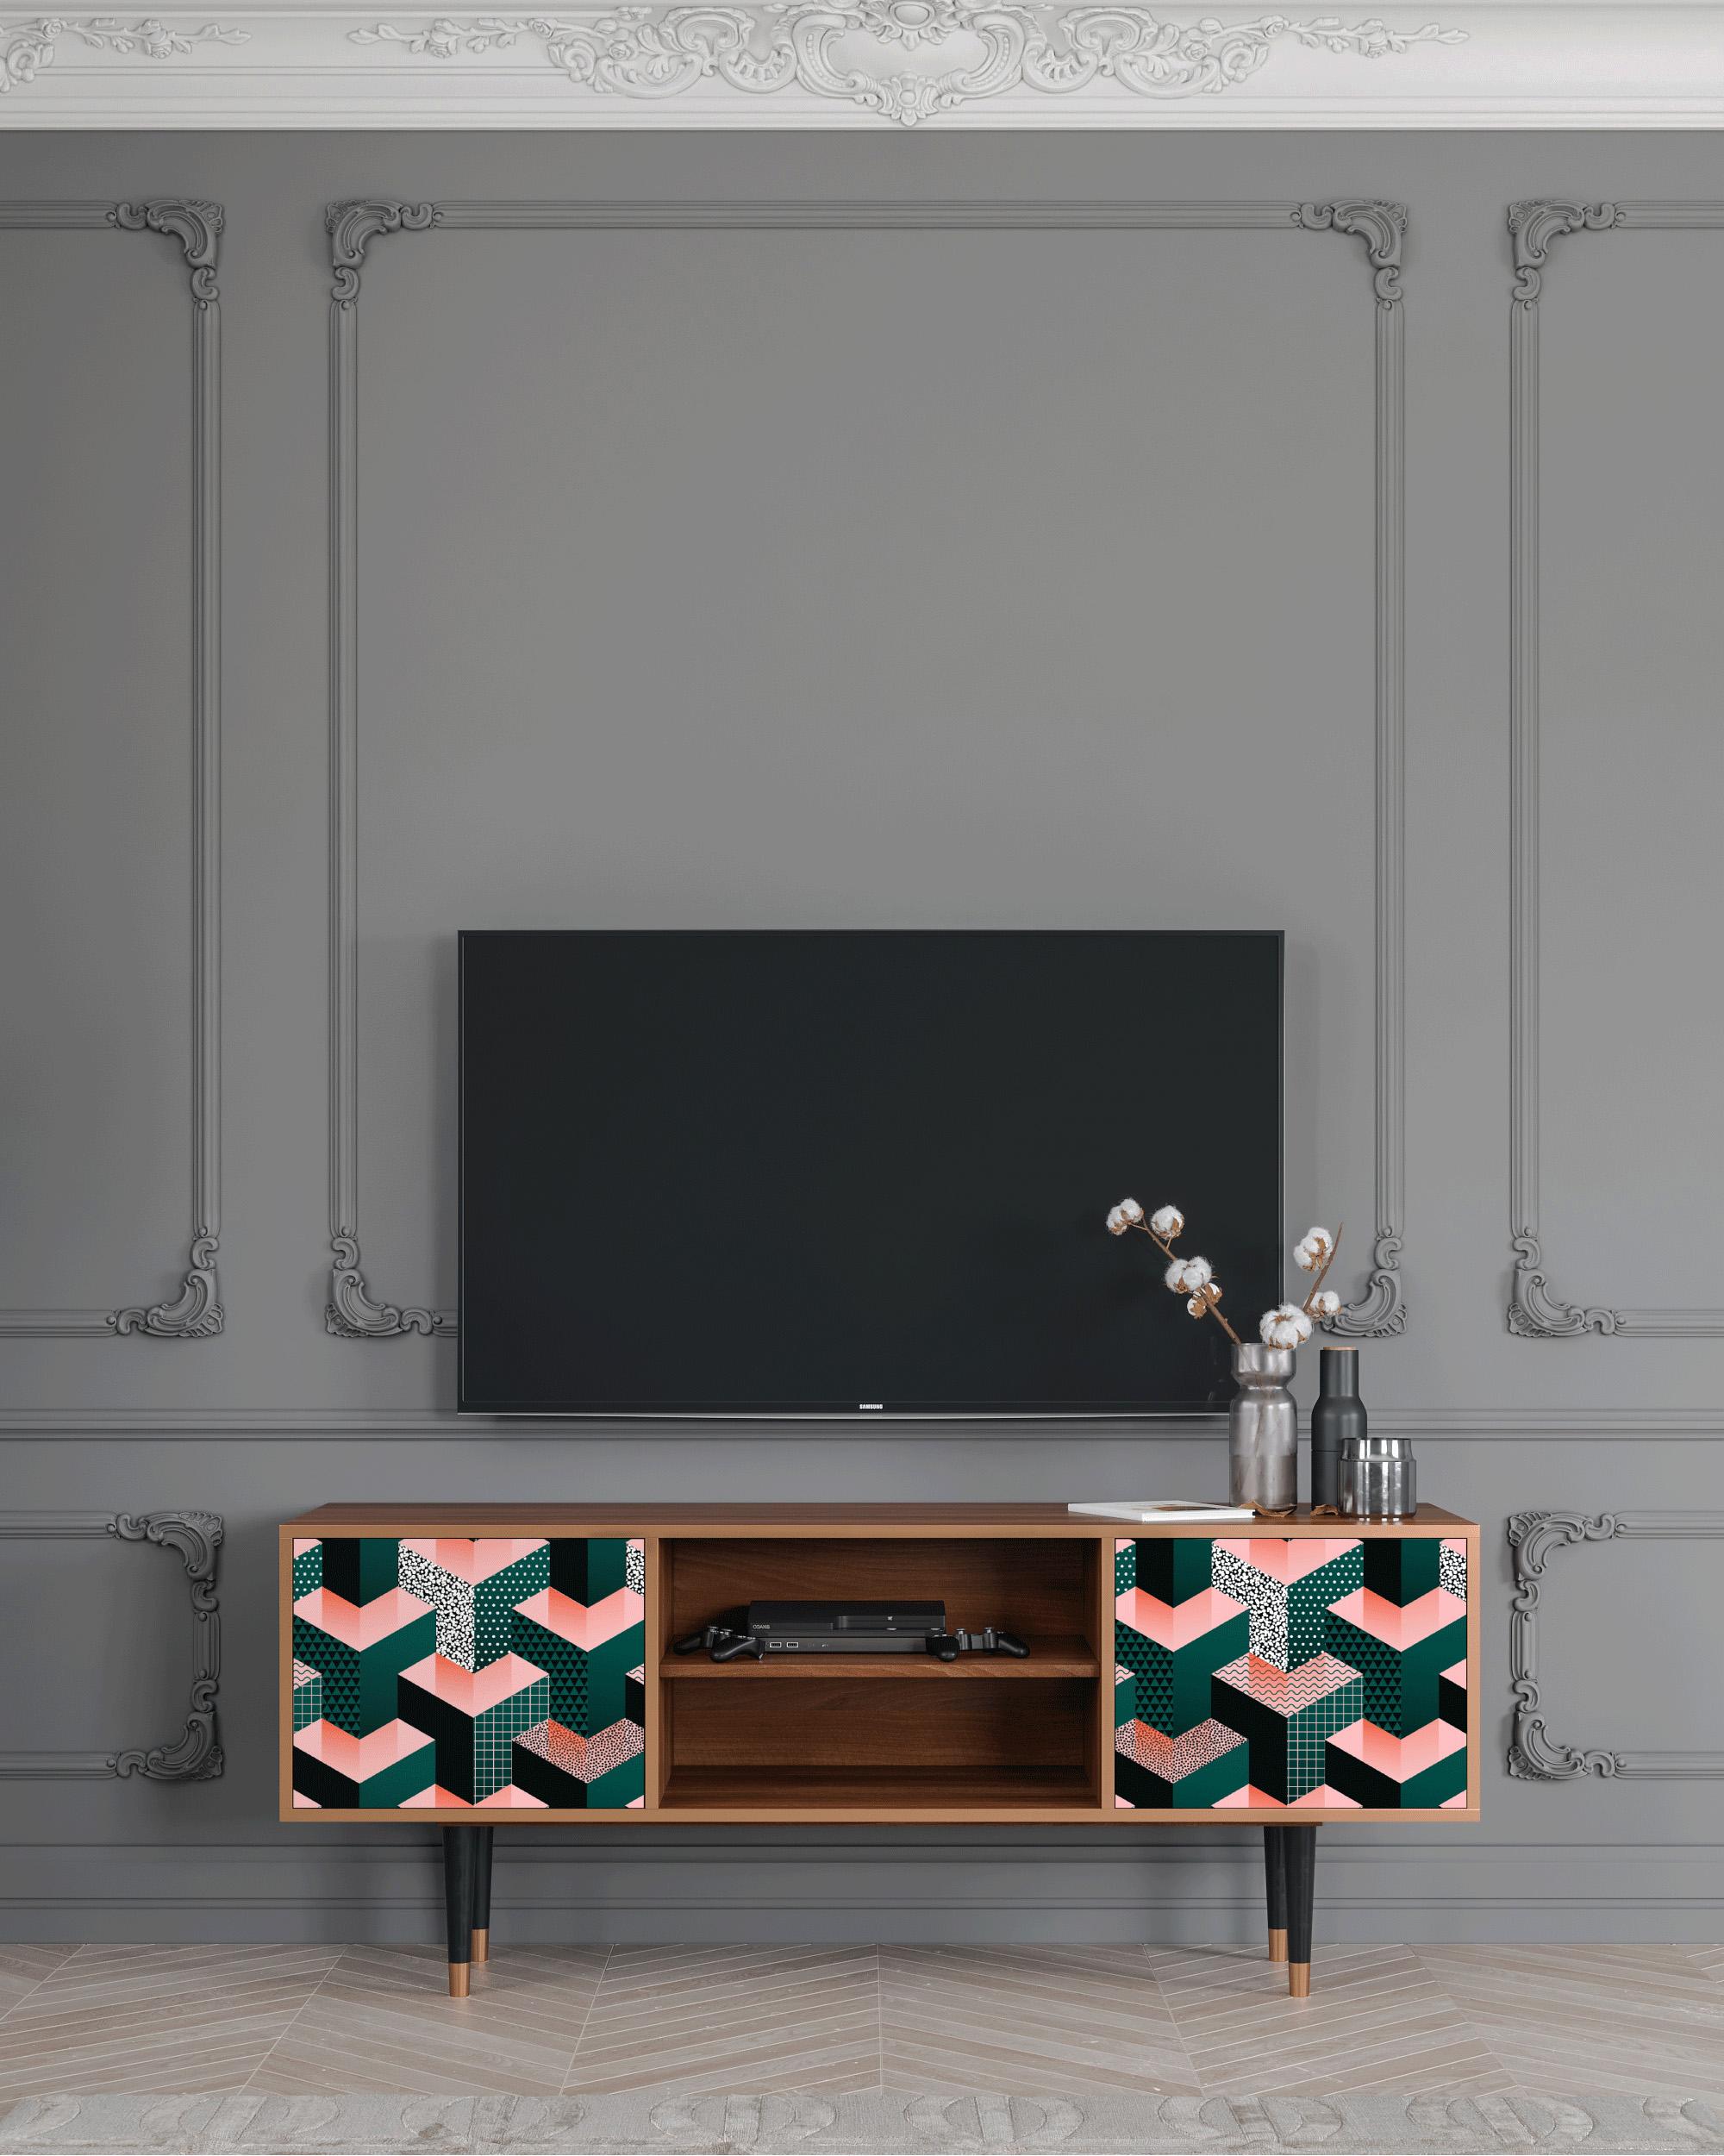 Meuble TV vert et rose 170cm 2 portes